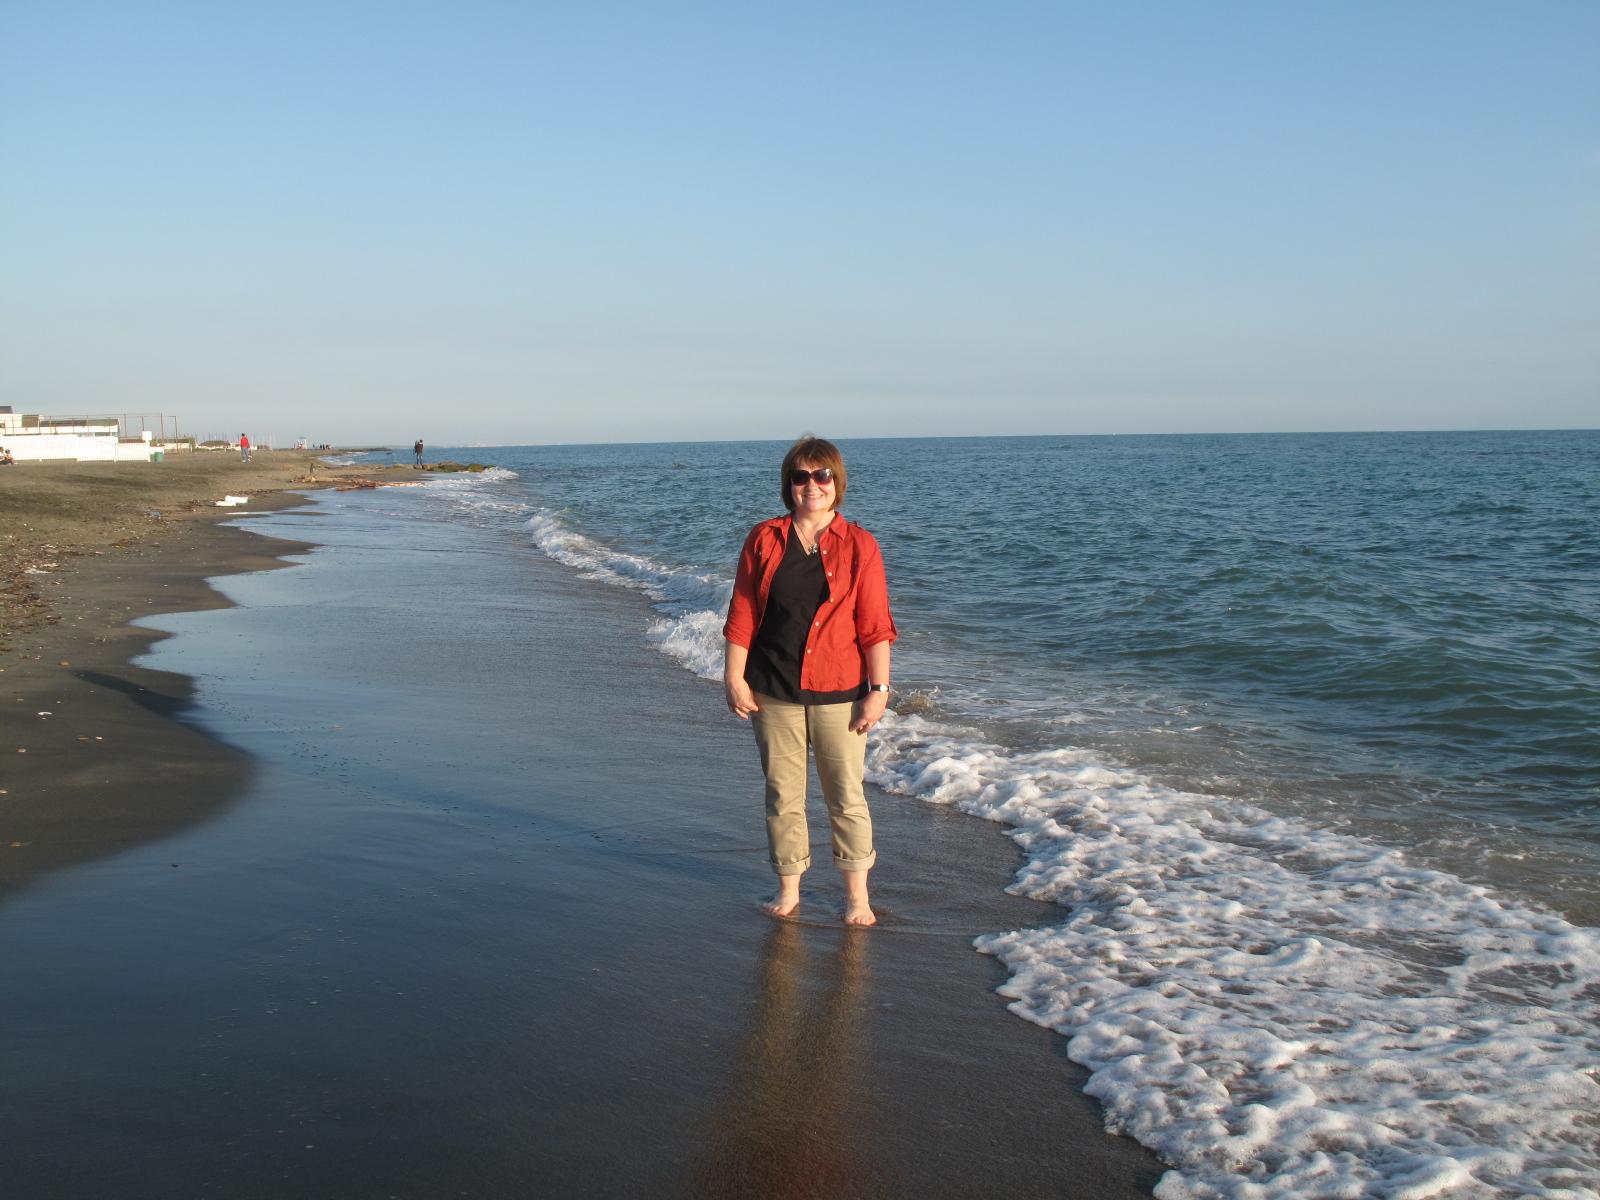 On Ostia Beach